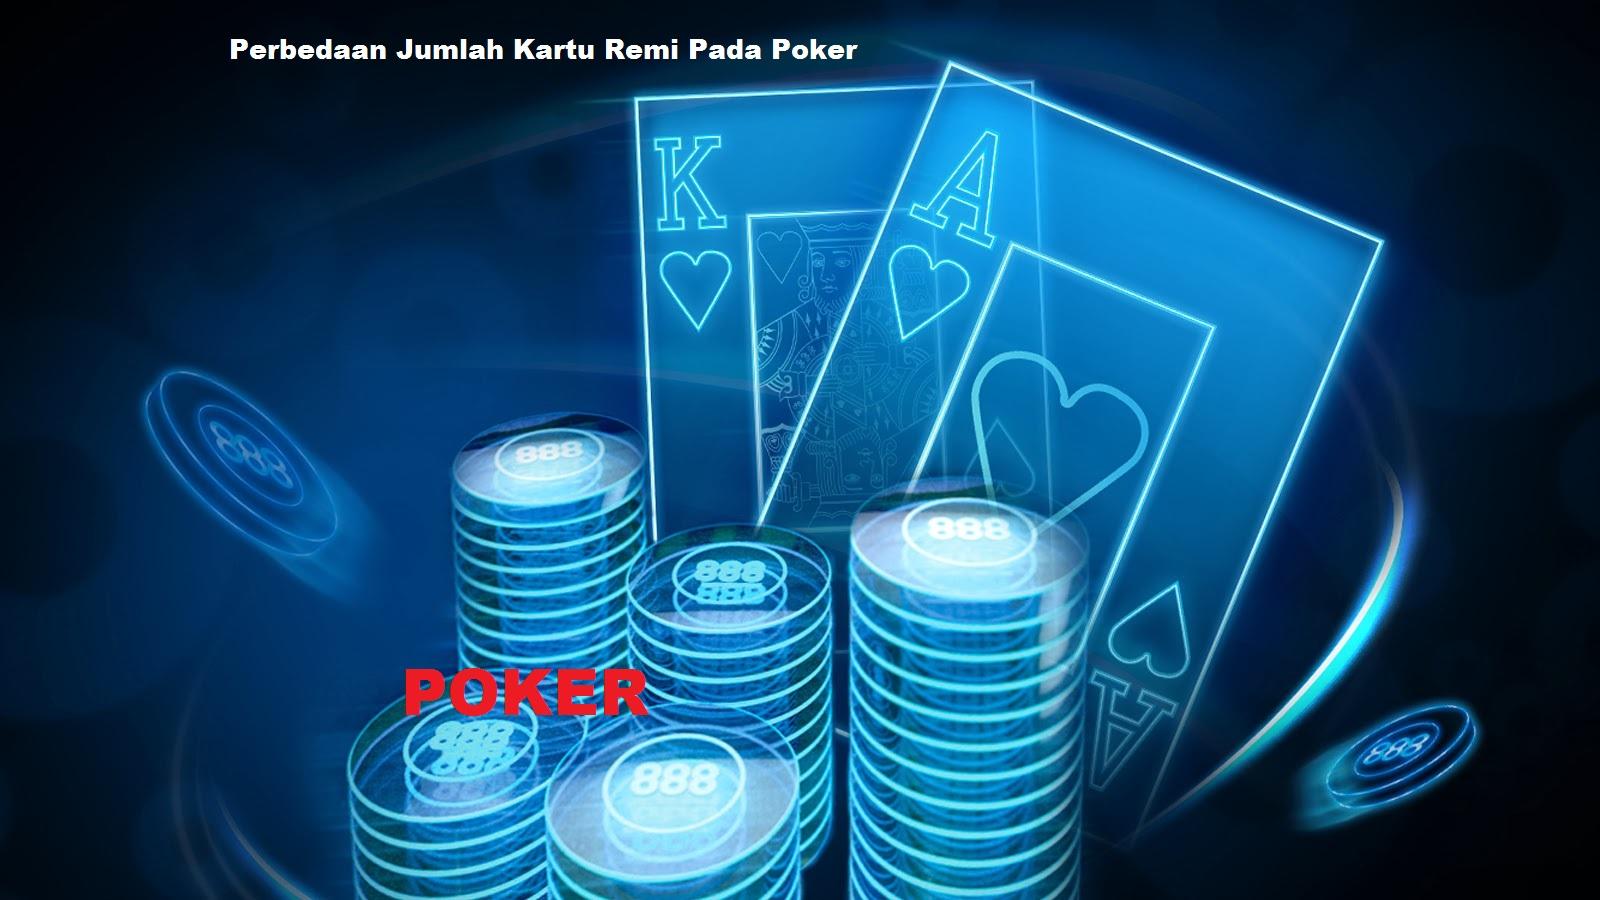 Perbedaan Jumlah Kartu Remi Pada Poker Informasi Judi Online Berita